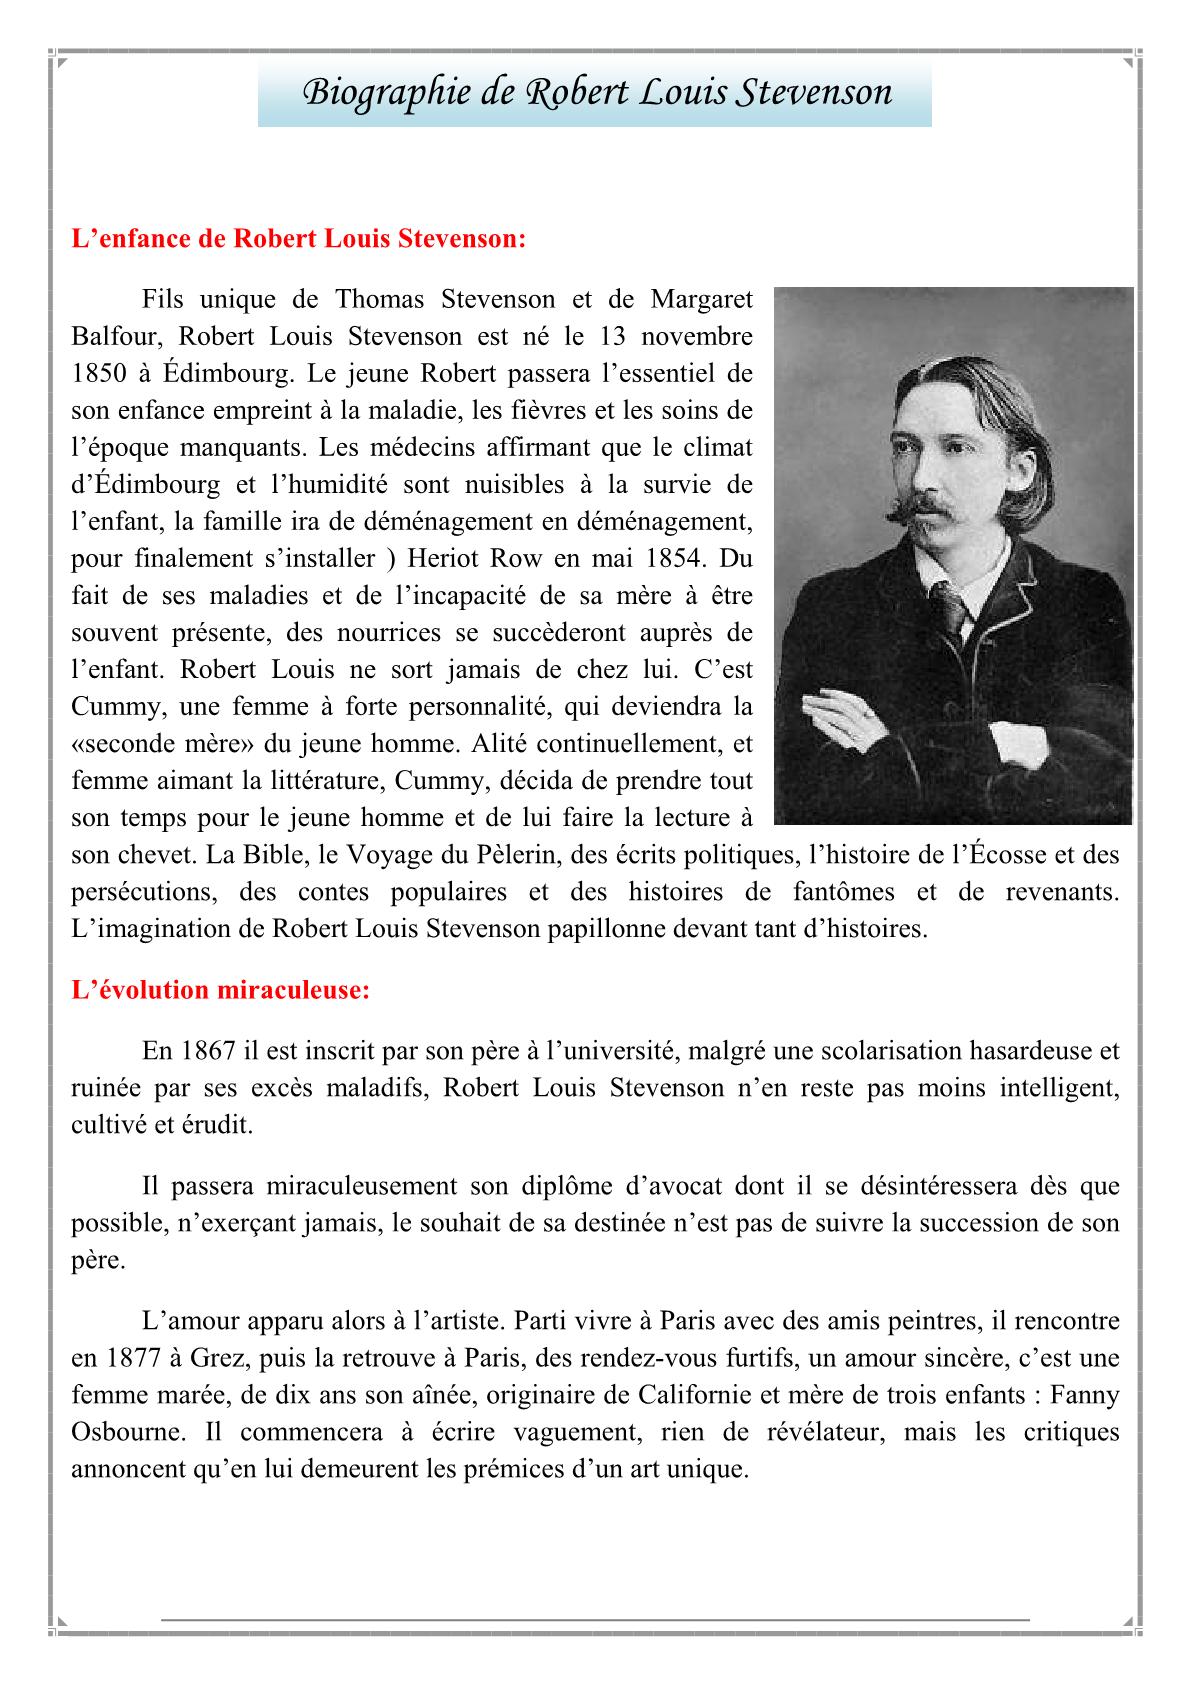 درس La biographie de robert louis stevenson بمادة اللغة الفرنسية للمستوى الثالثة إعدادي